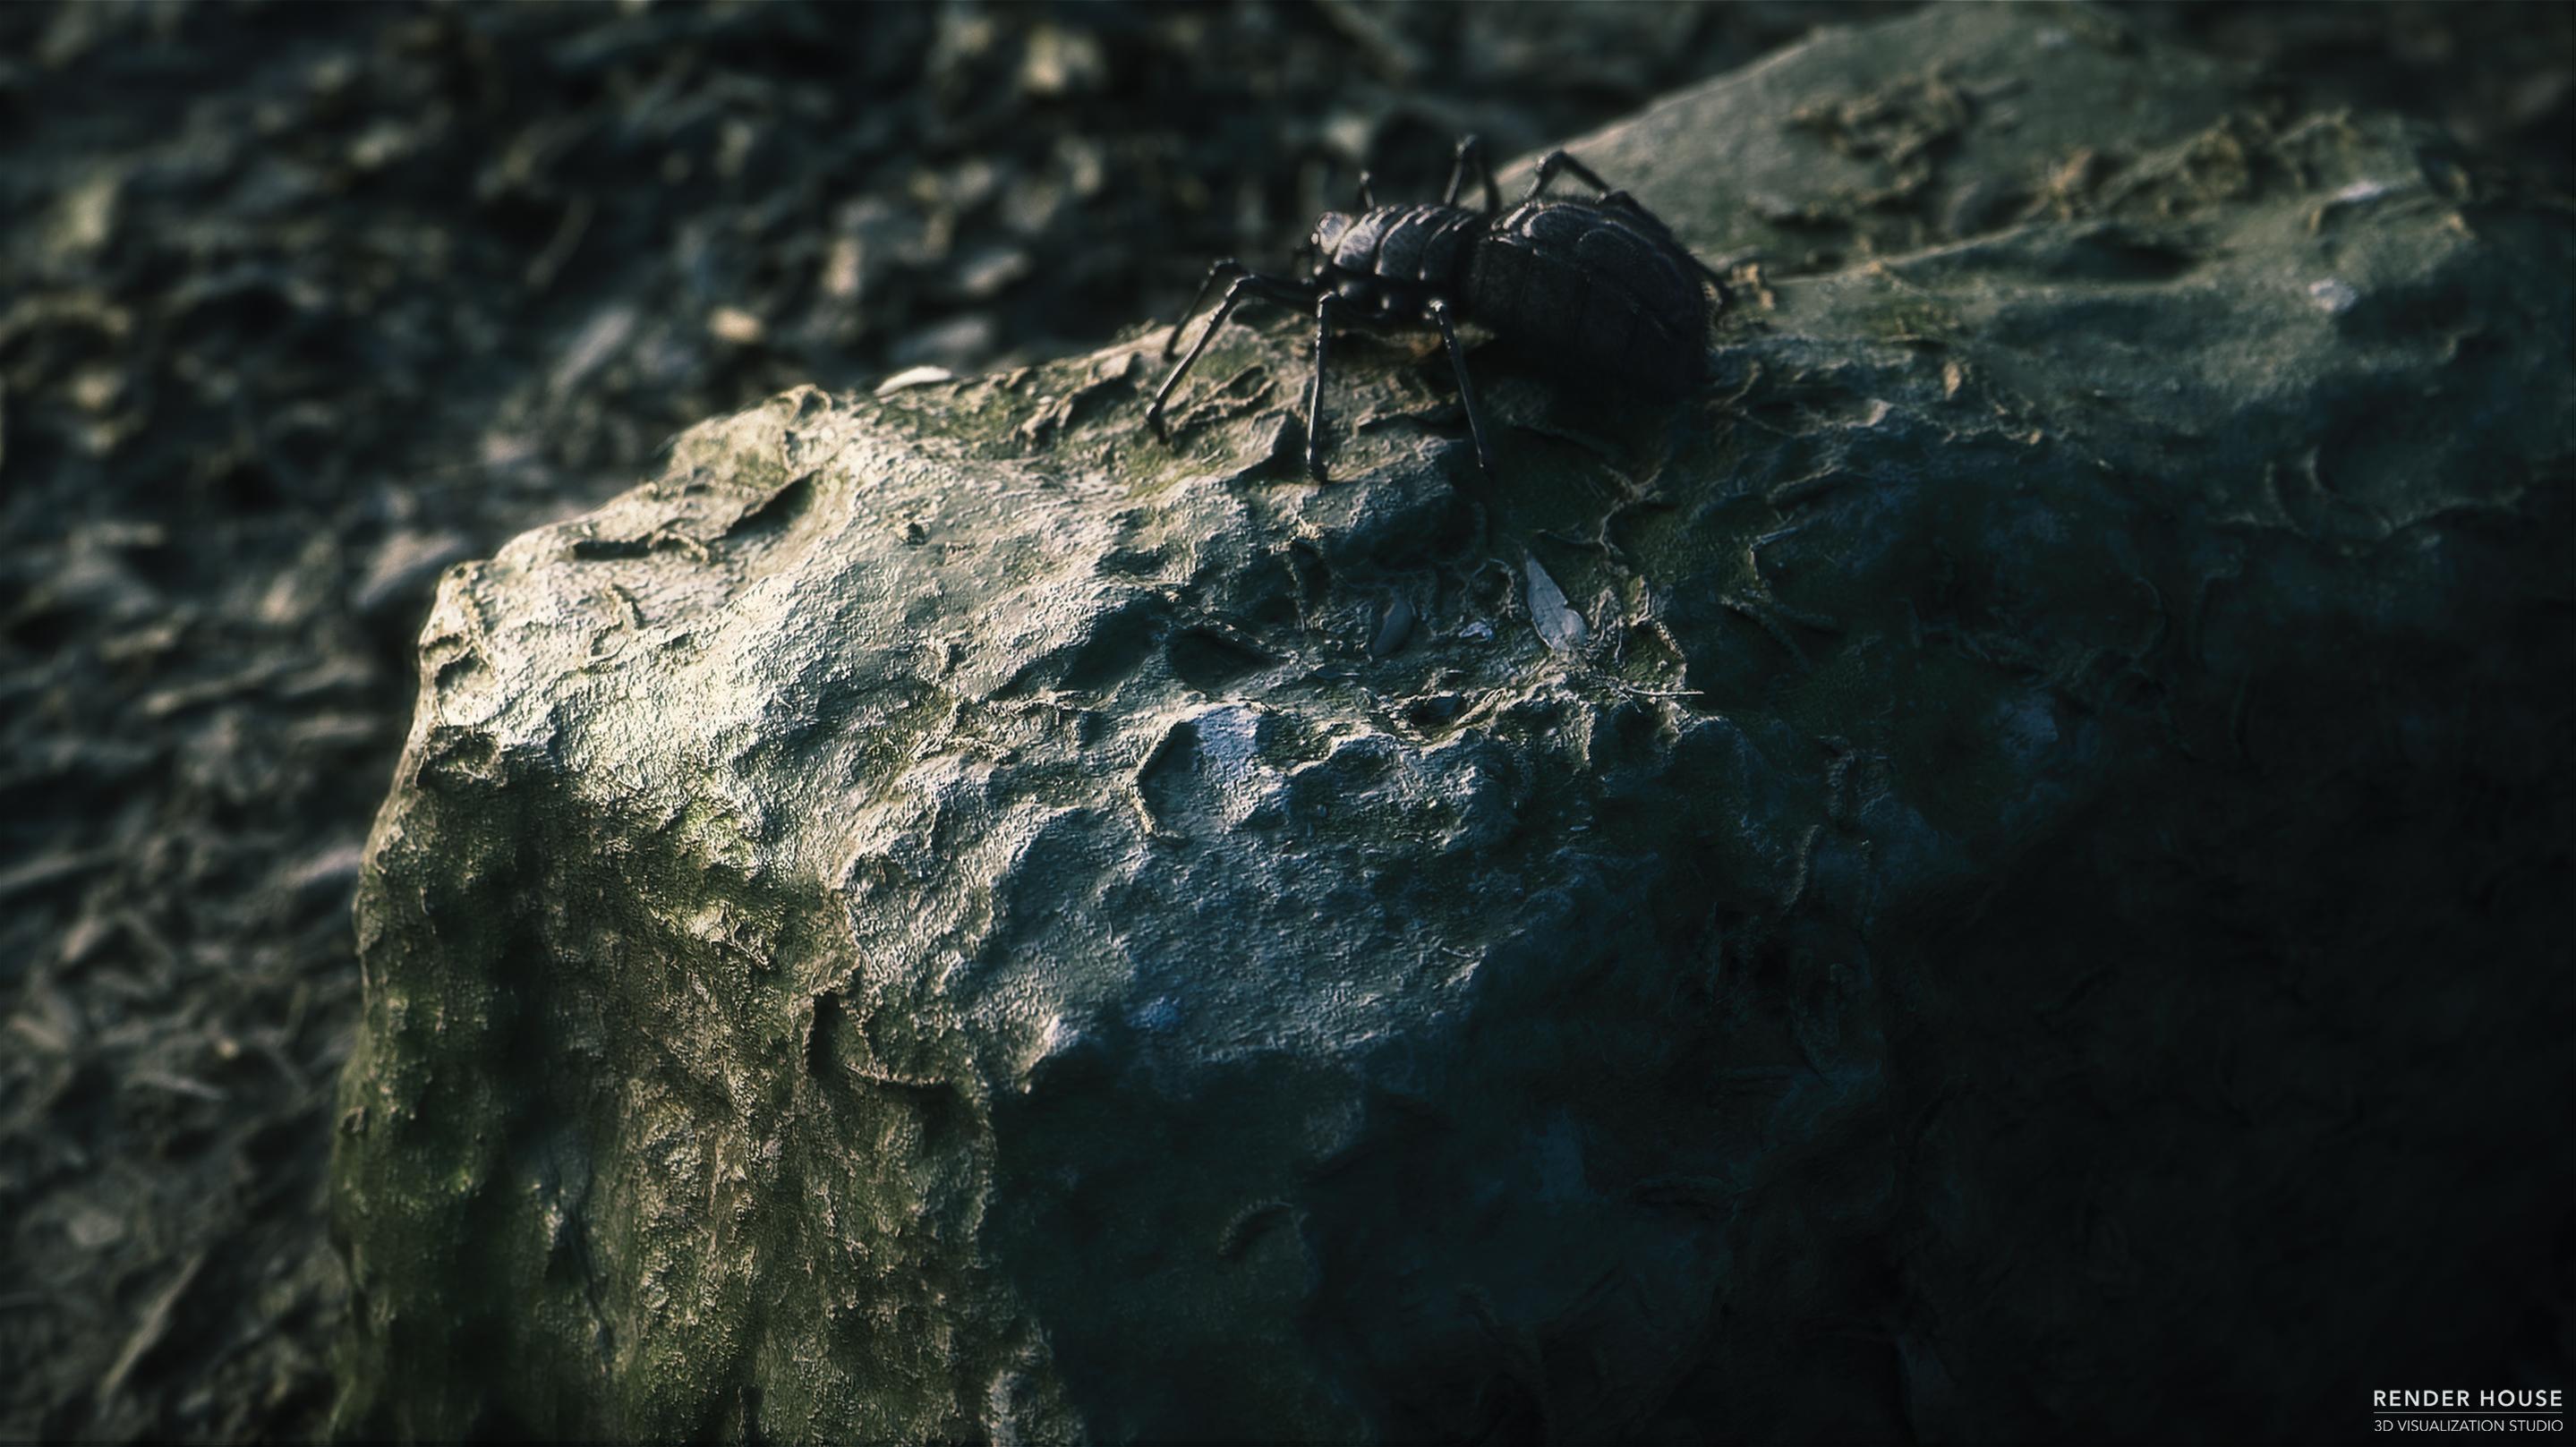 Spider_CG